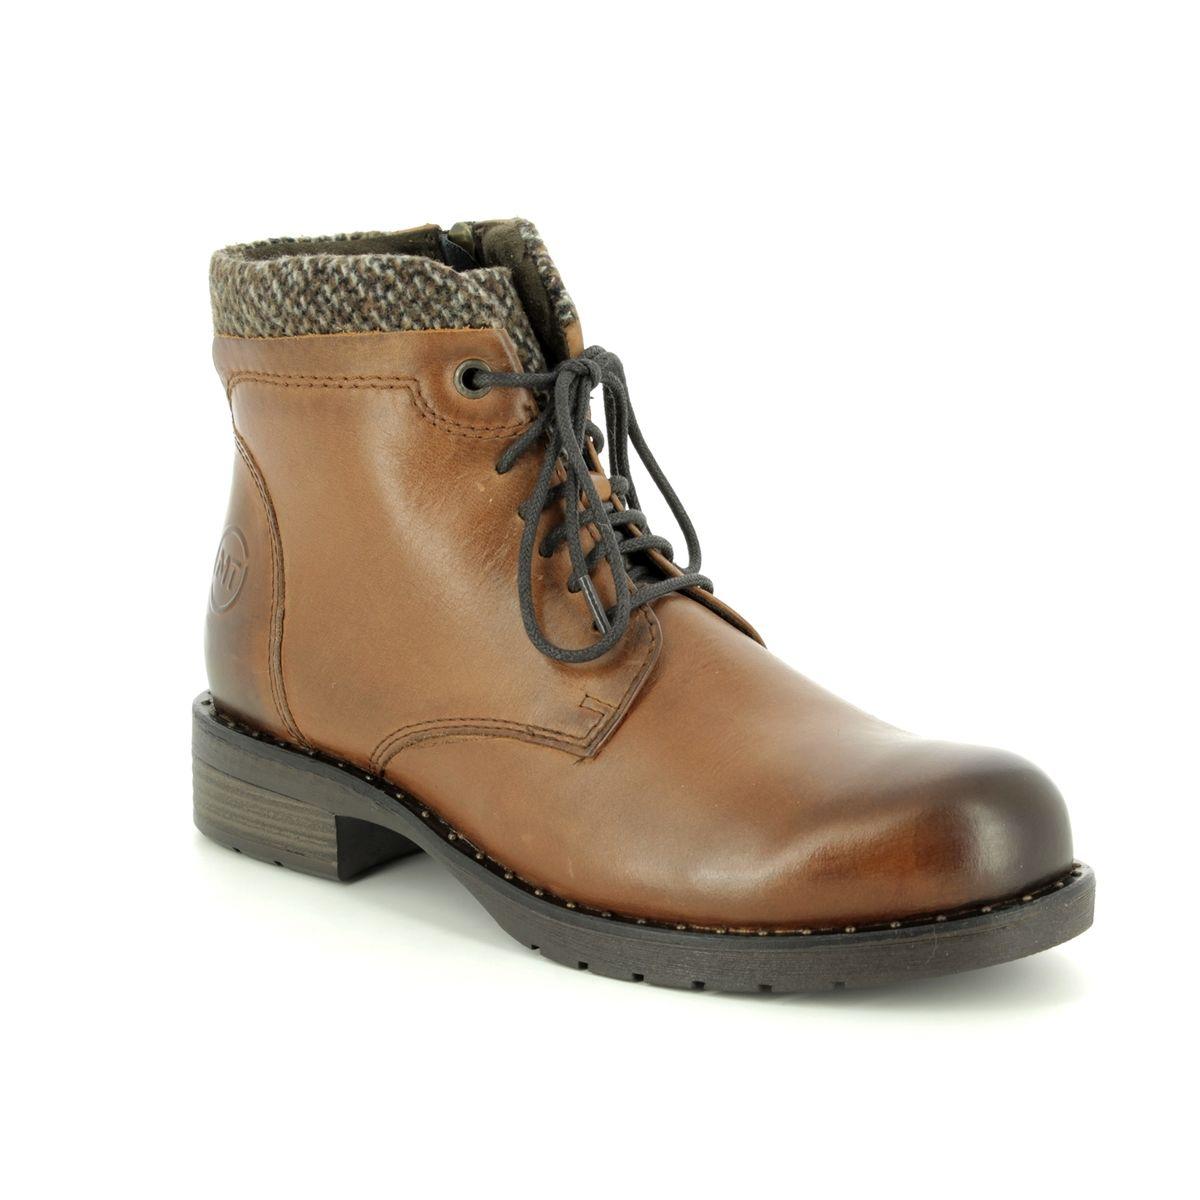 5ac3d94c3230 Marco Tozzi Ankle Boots - Tan Leather - 25203/21/372 VENEZIA